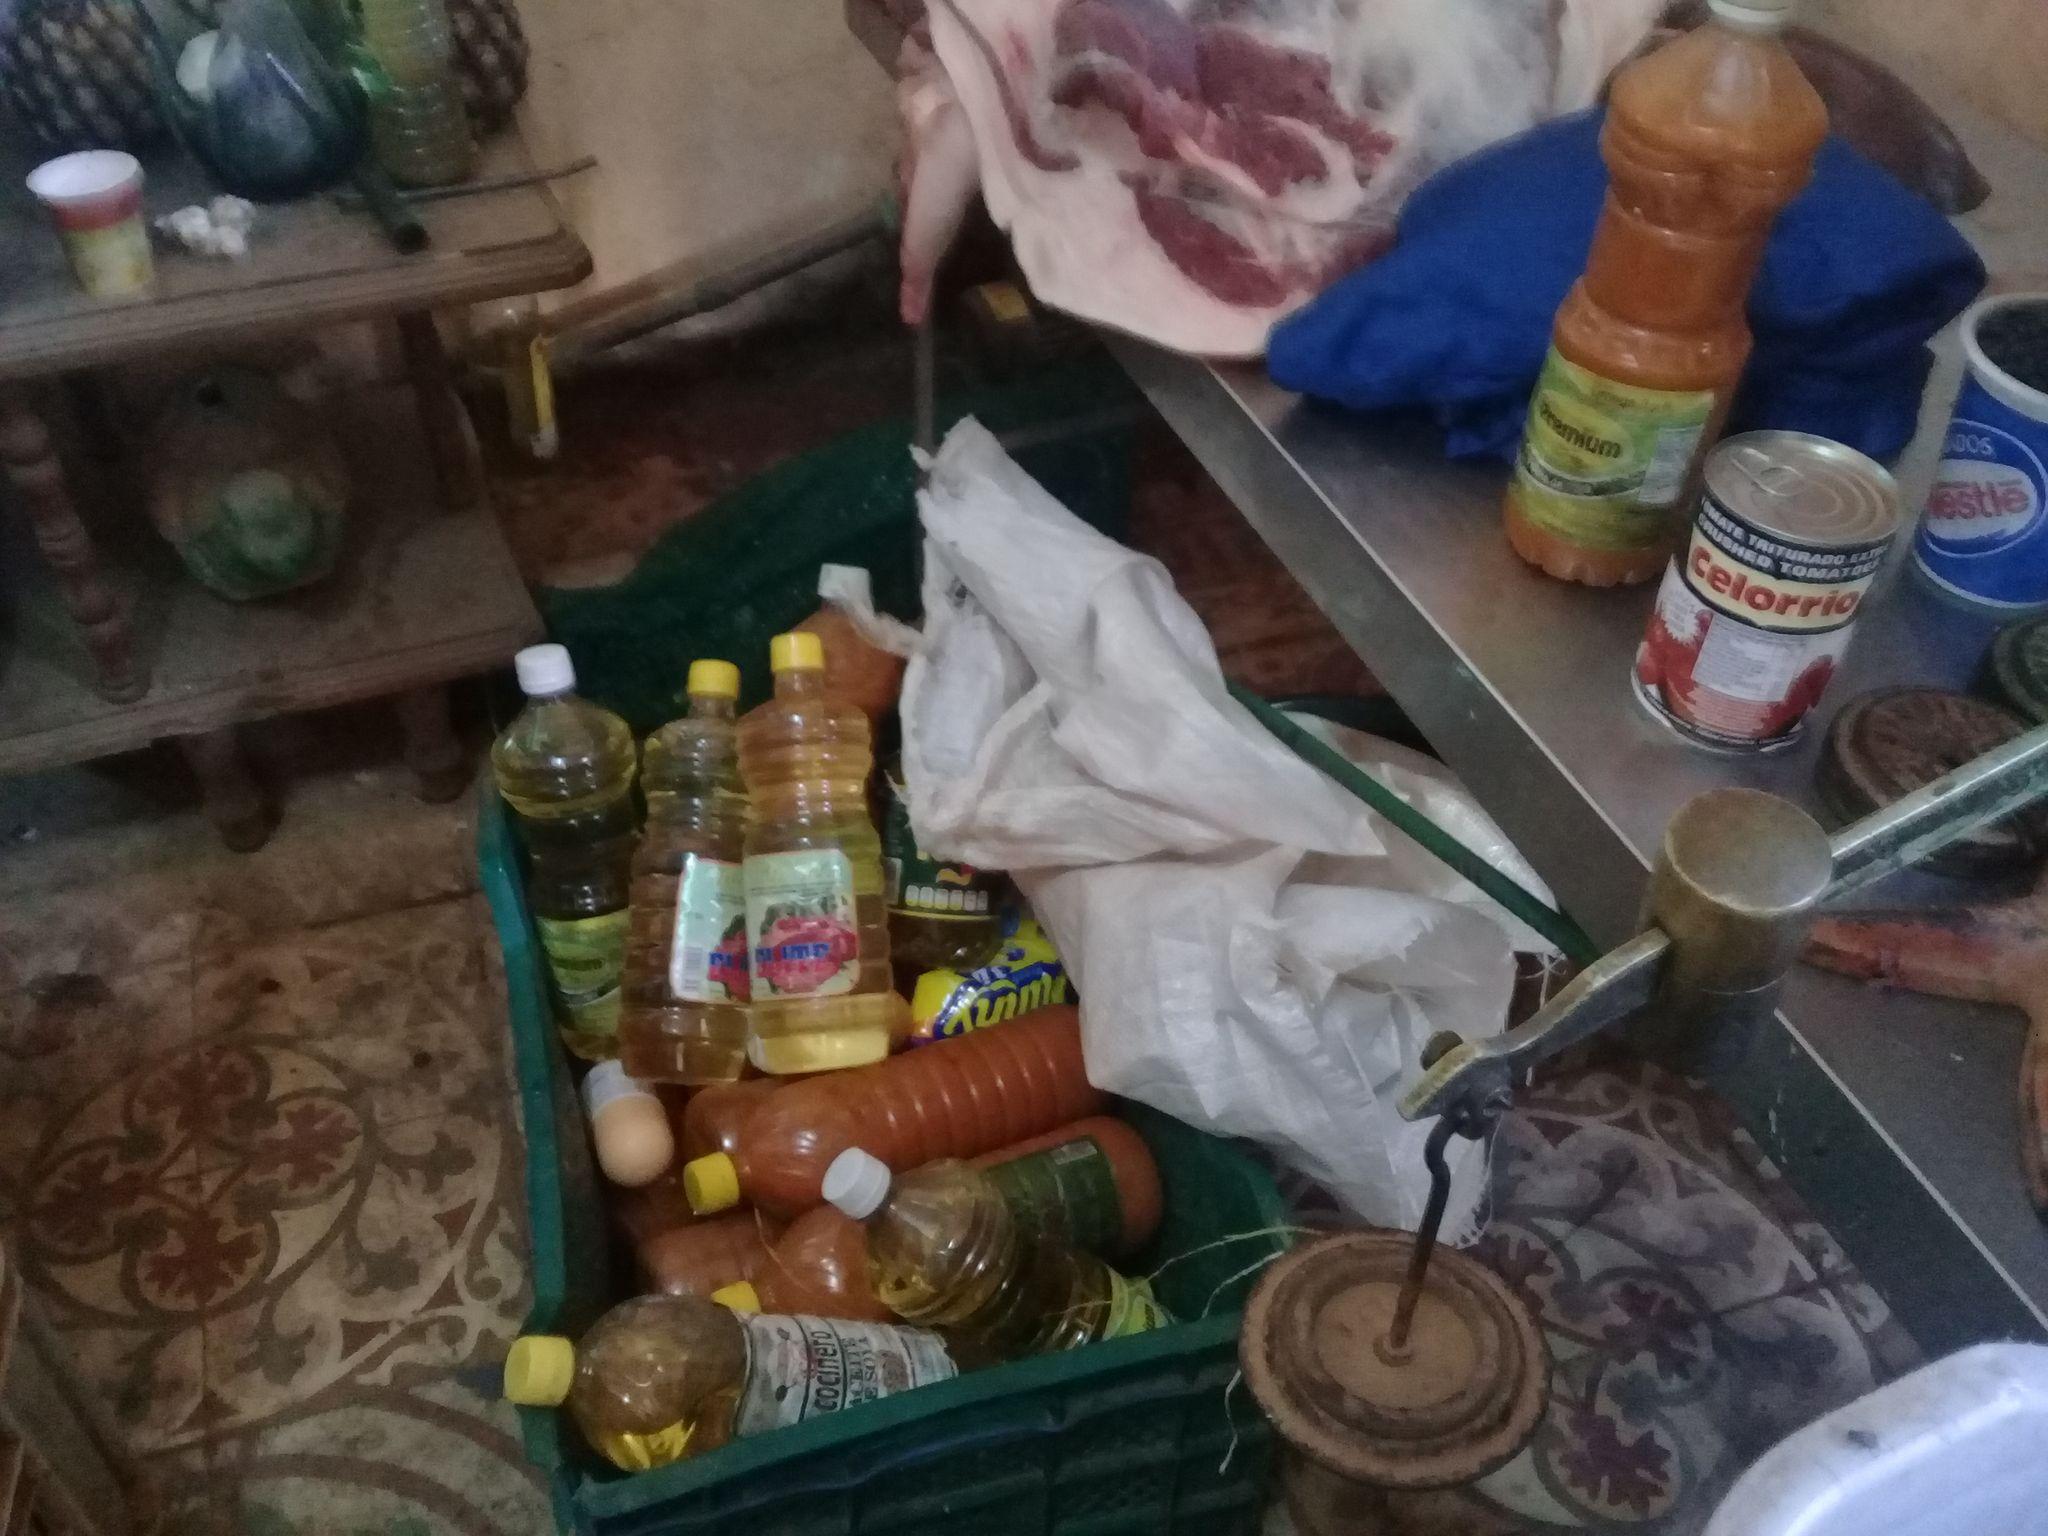 De manera ilegal se almacenaban productos agropecuarios y provenientes de la venta en divisas.